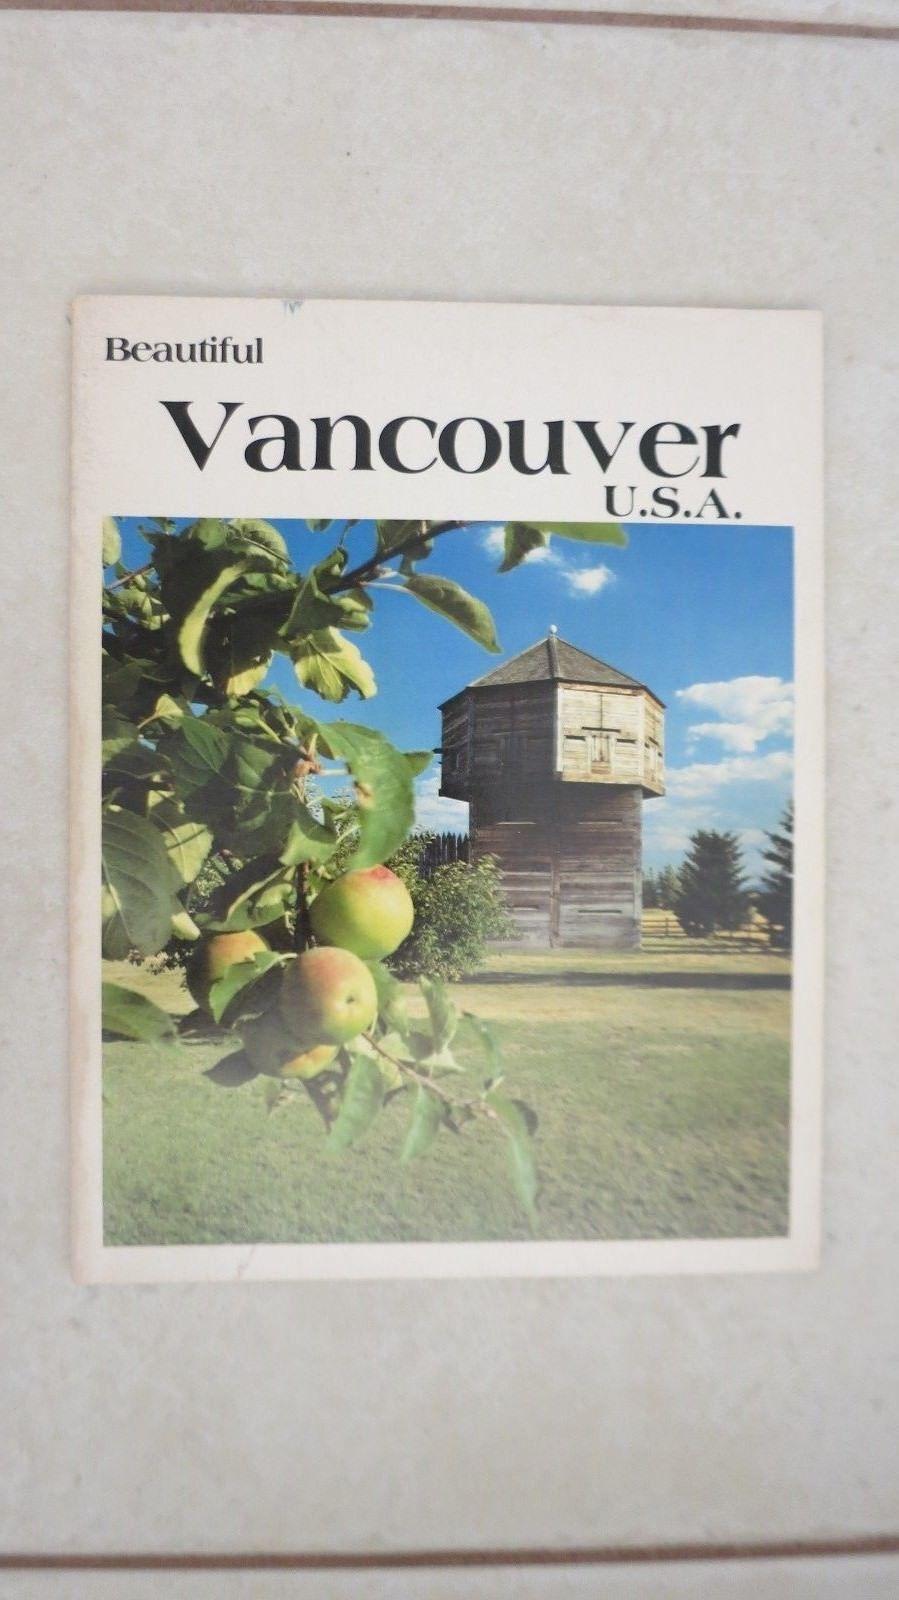 ISBN 0898020891 Schön Vancouver U.S.A Robert D.Shangle Brian Berger Pb Buch